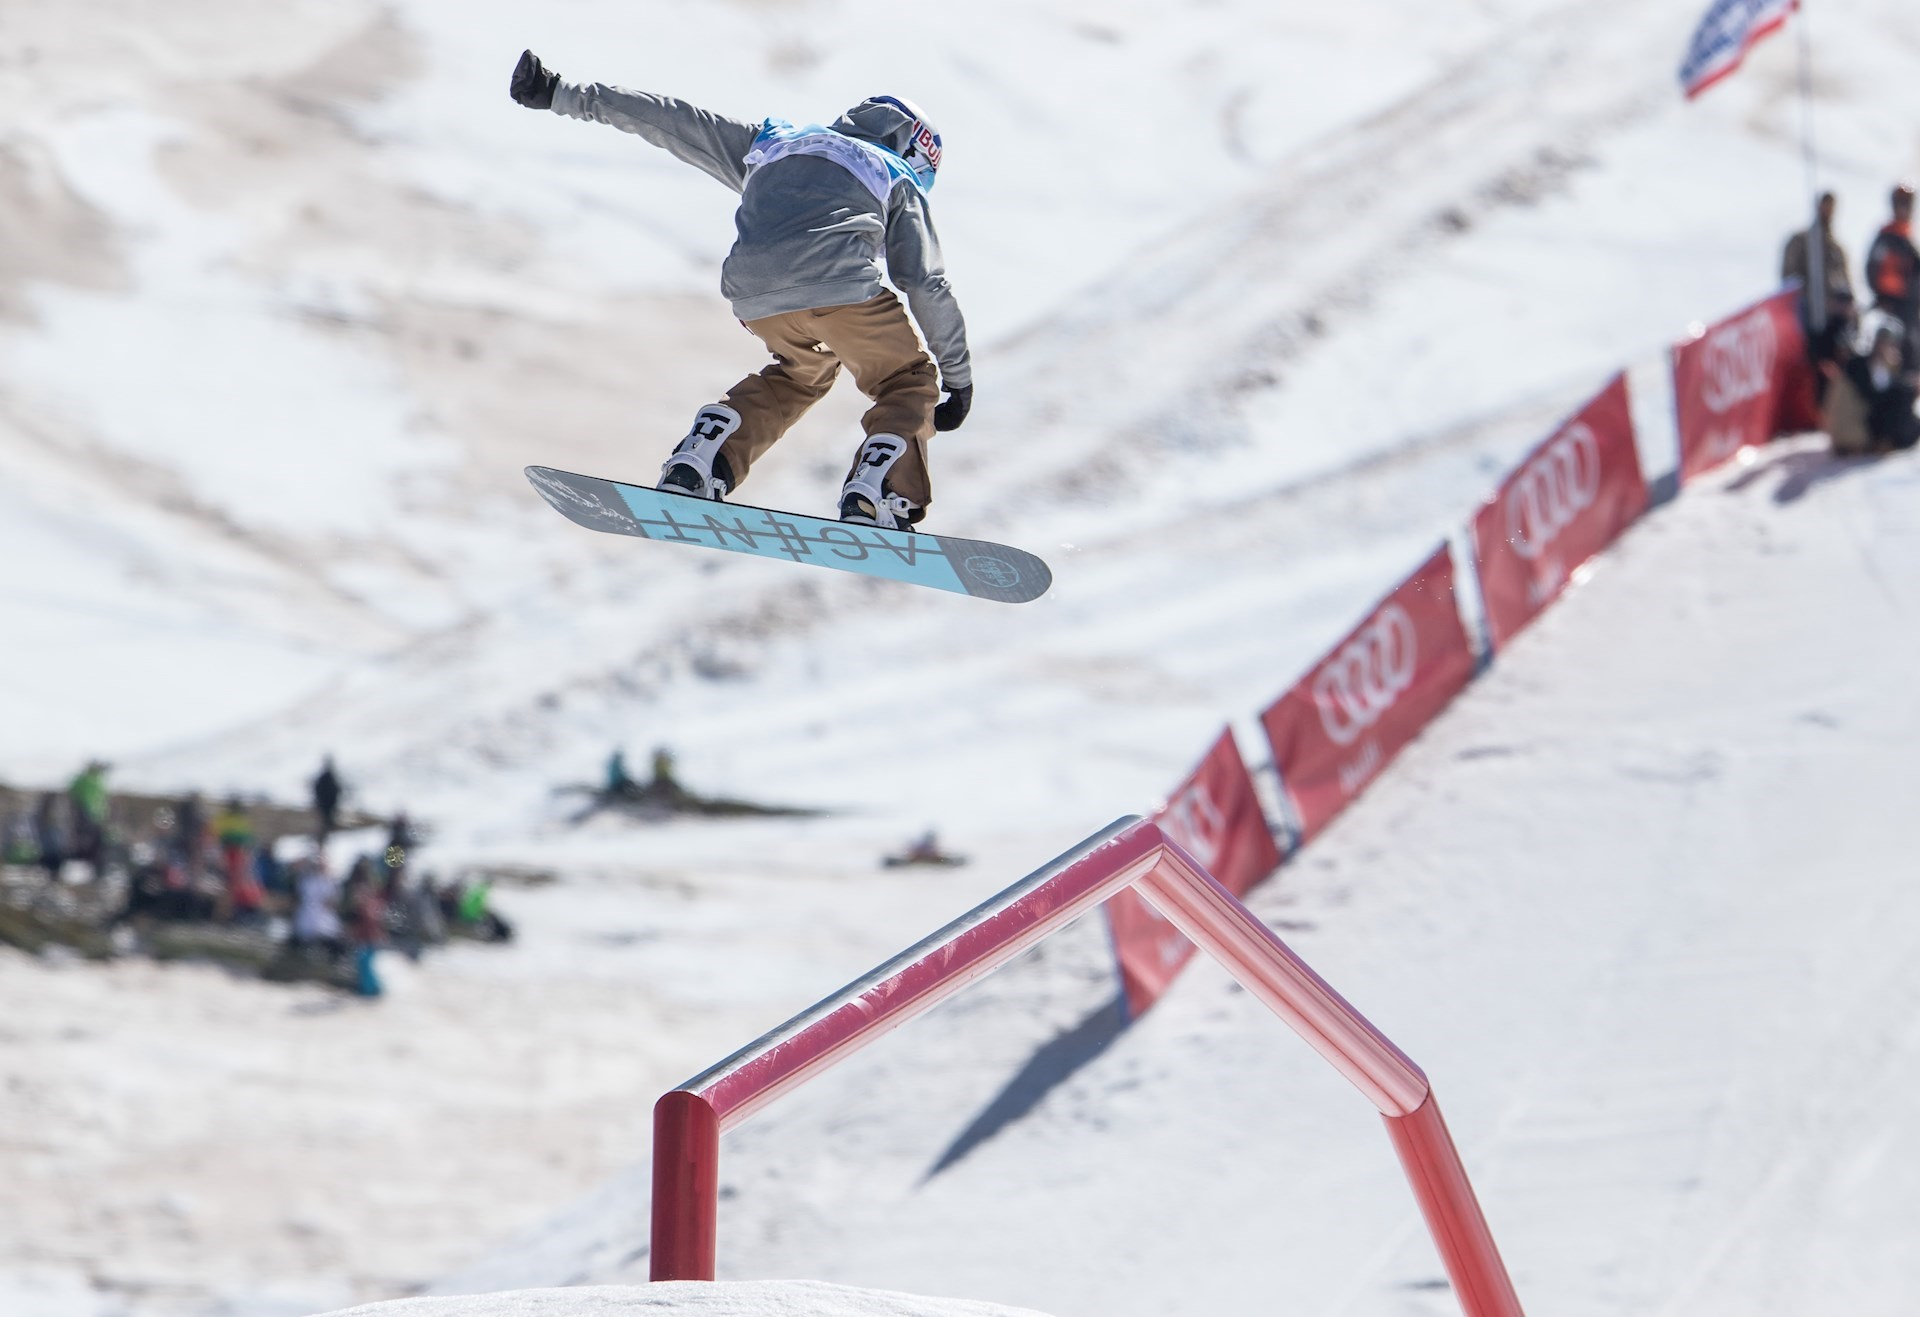 Los riders han volado literalmente por la pista de slopestyle